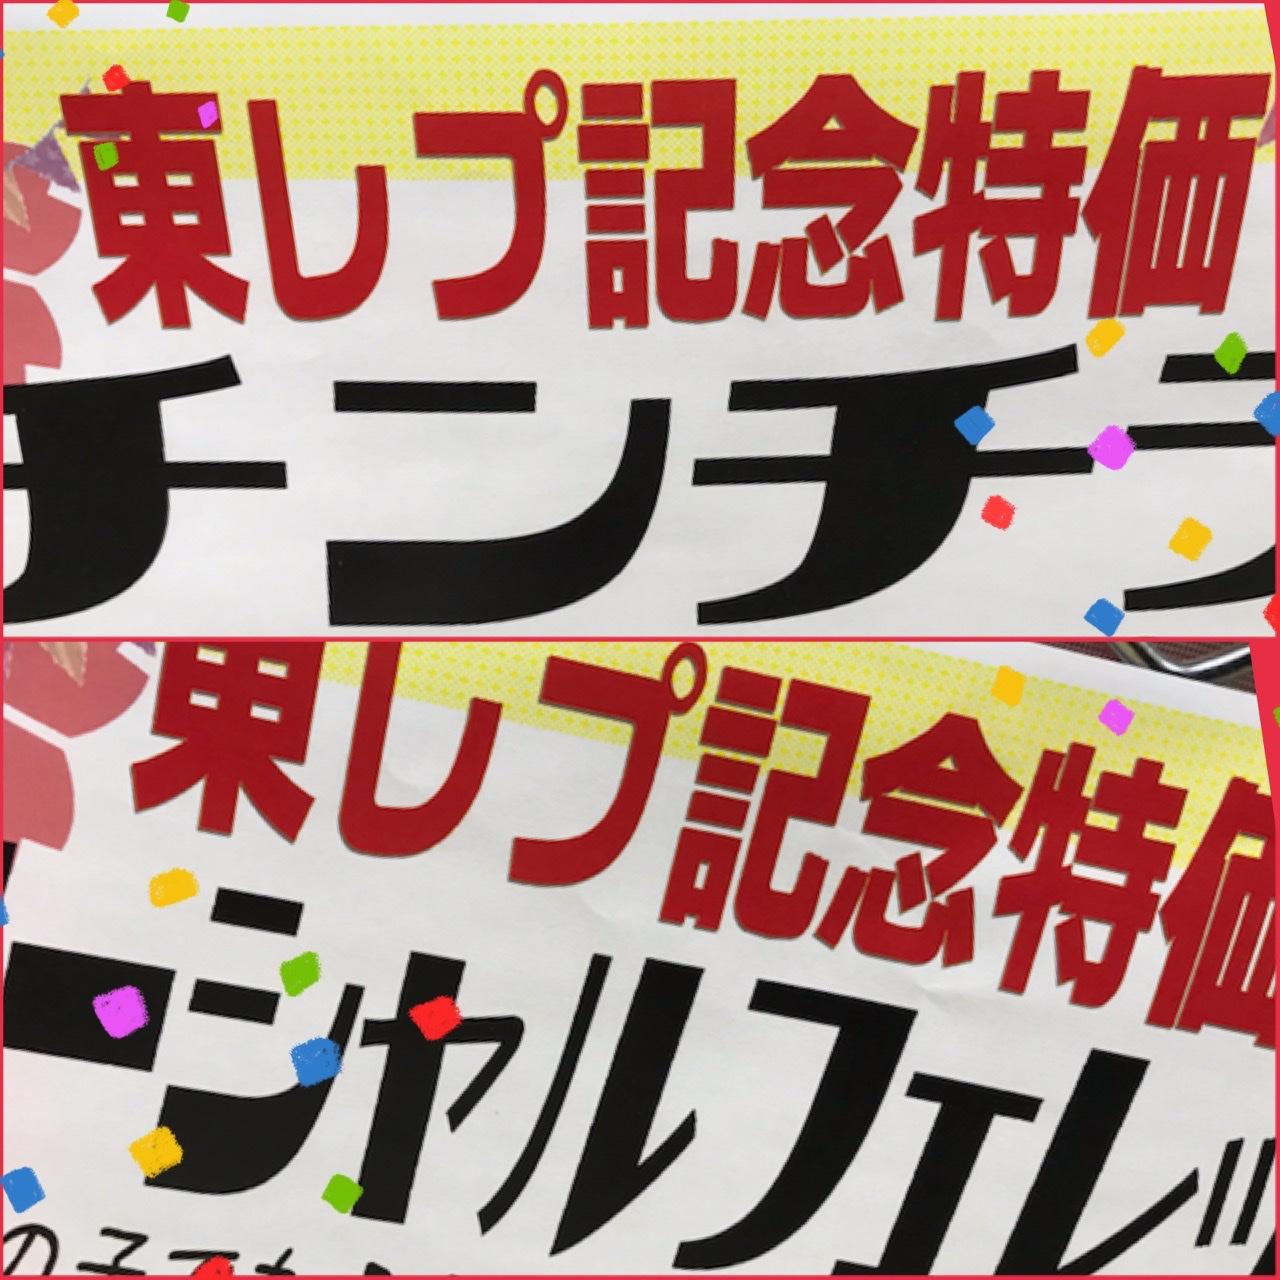 【インター小動物】東レプ記念特価でハッスル!